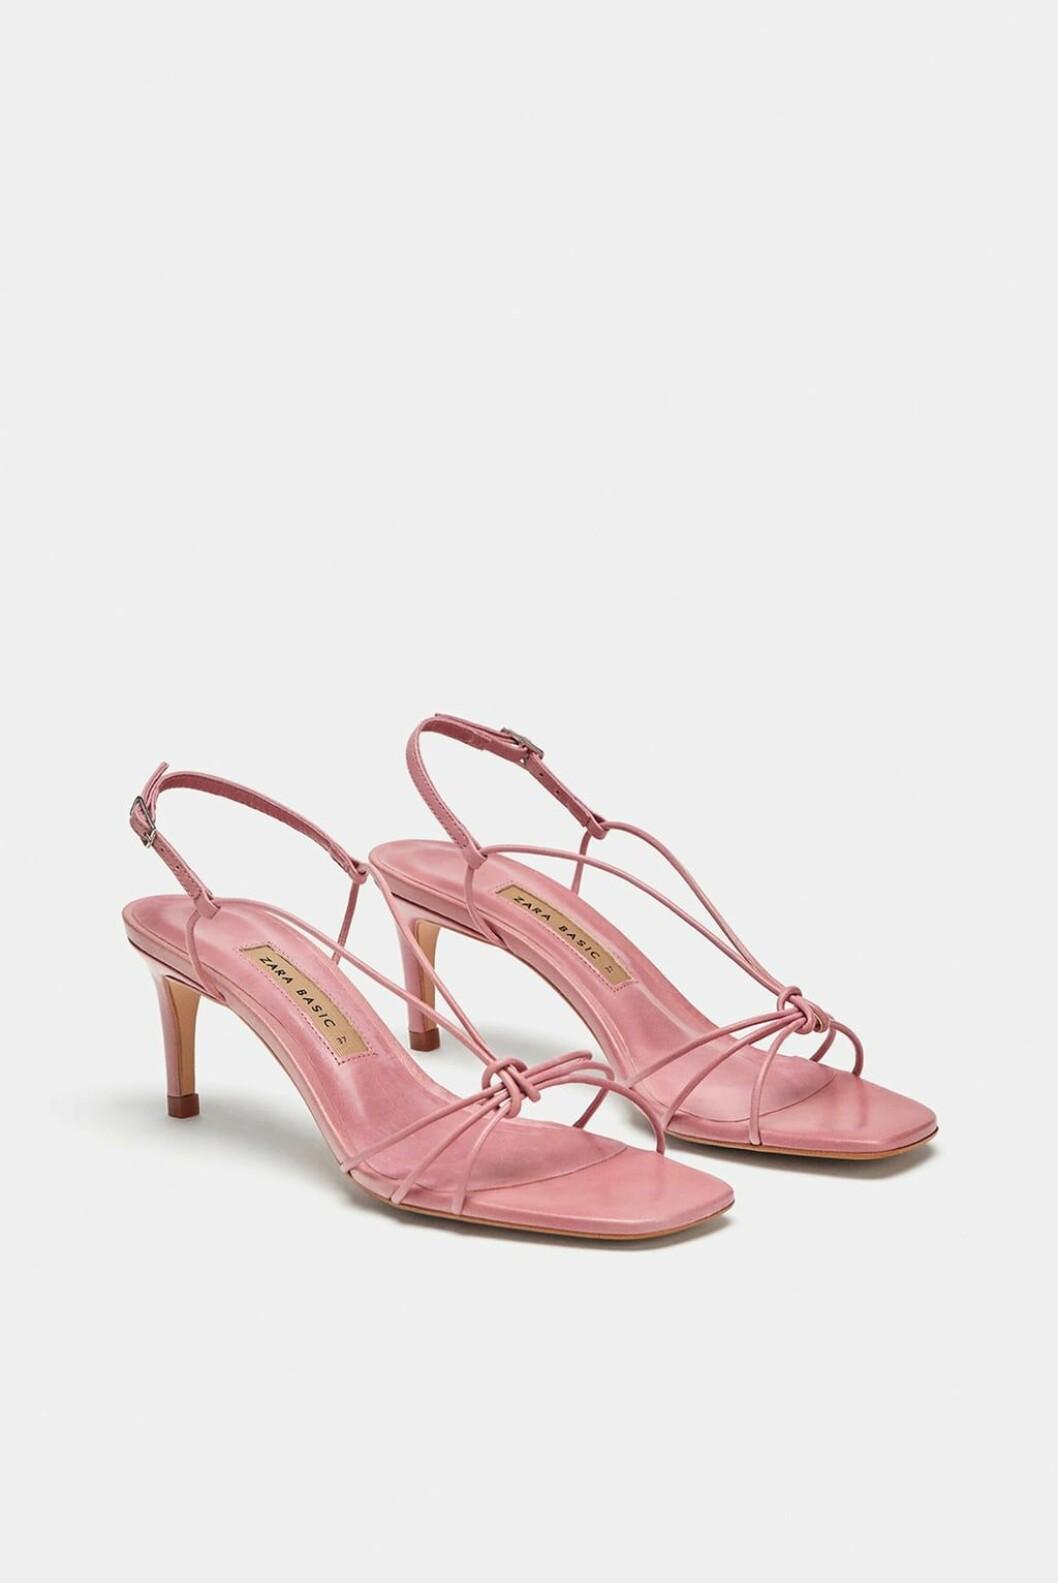 Hæler fra Zara  550,- https://www.zara.com/no/no/h%C3%B8yh%C3%A6lt-skinnsandal-med-remmer-p12336301.html?v1=6618002&v2=1074625